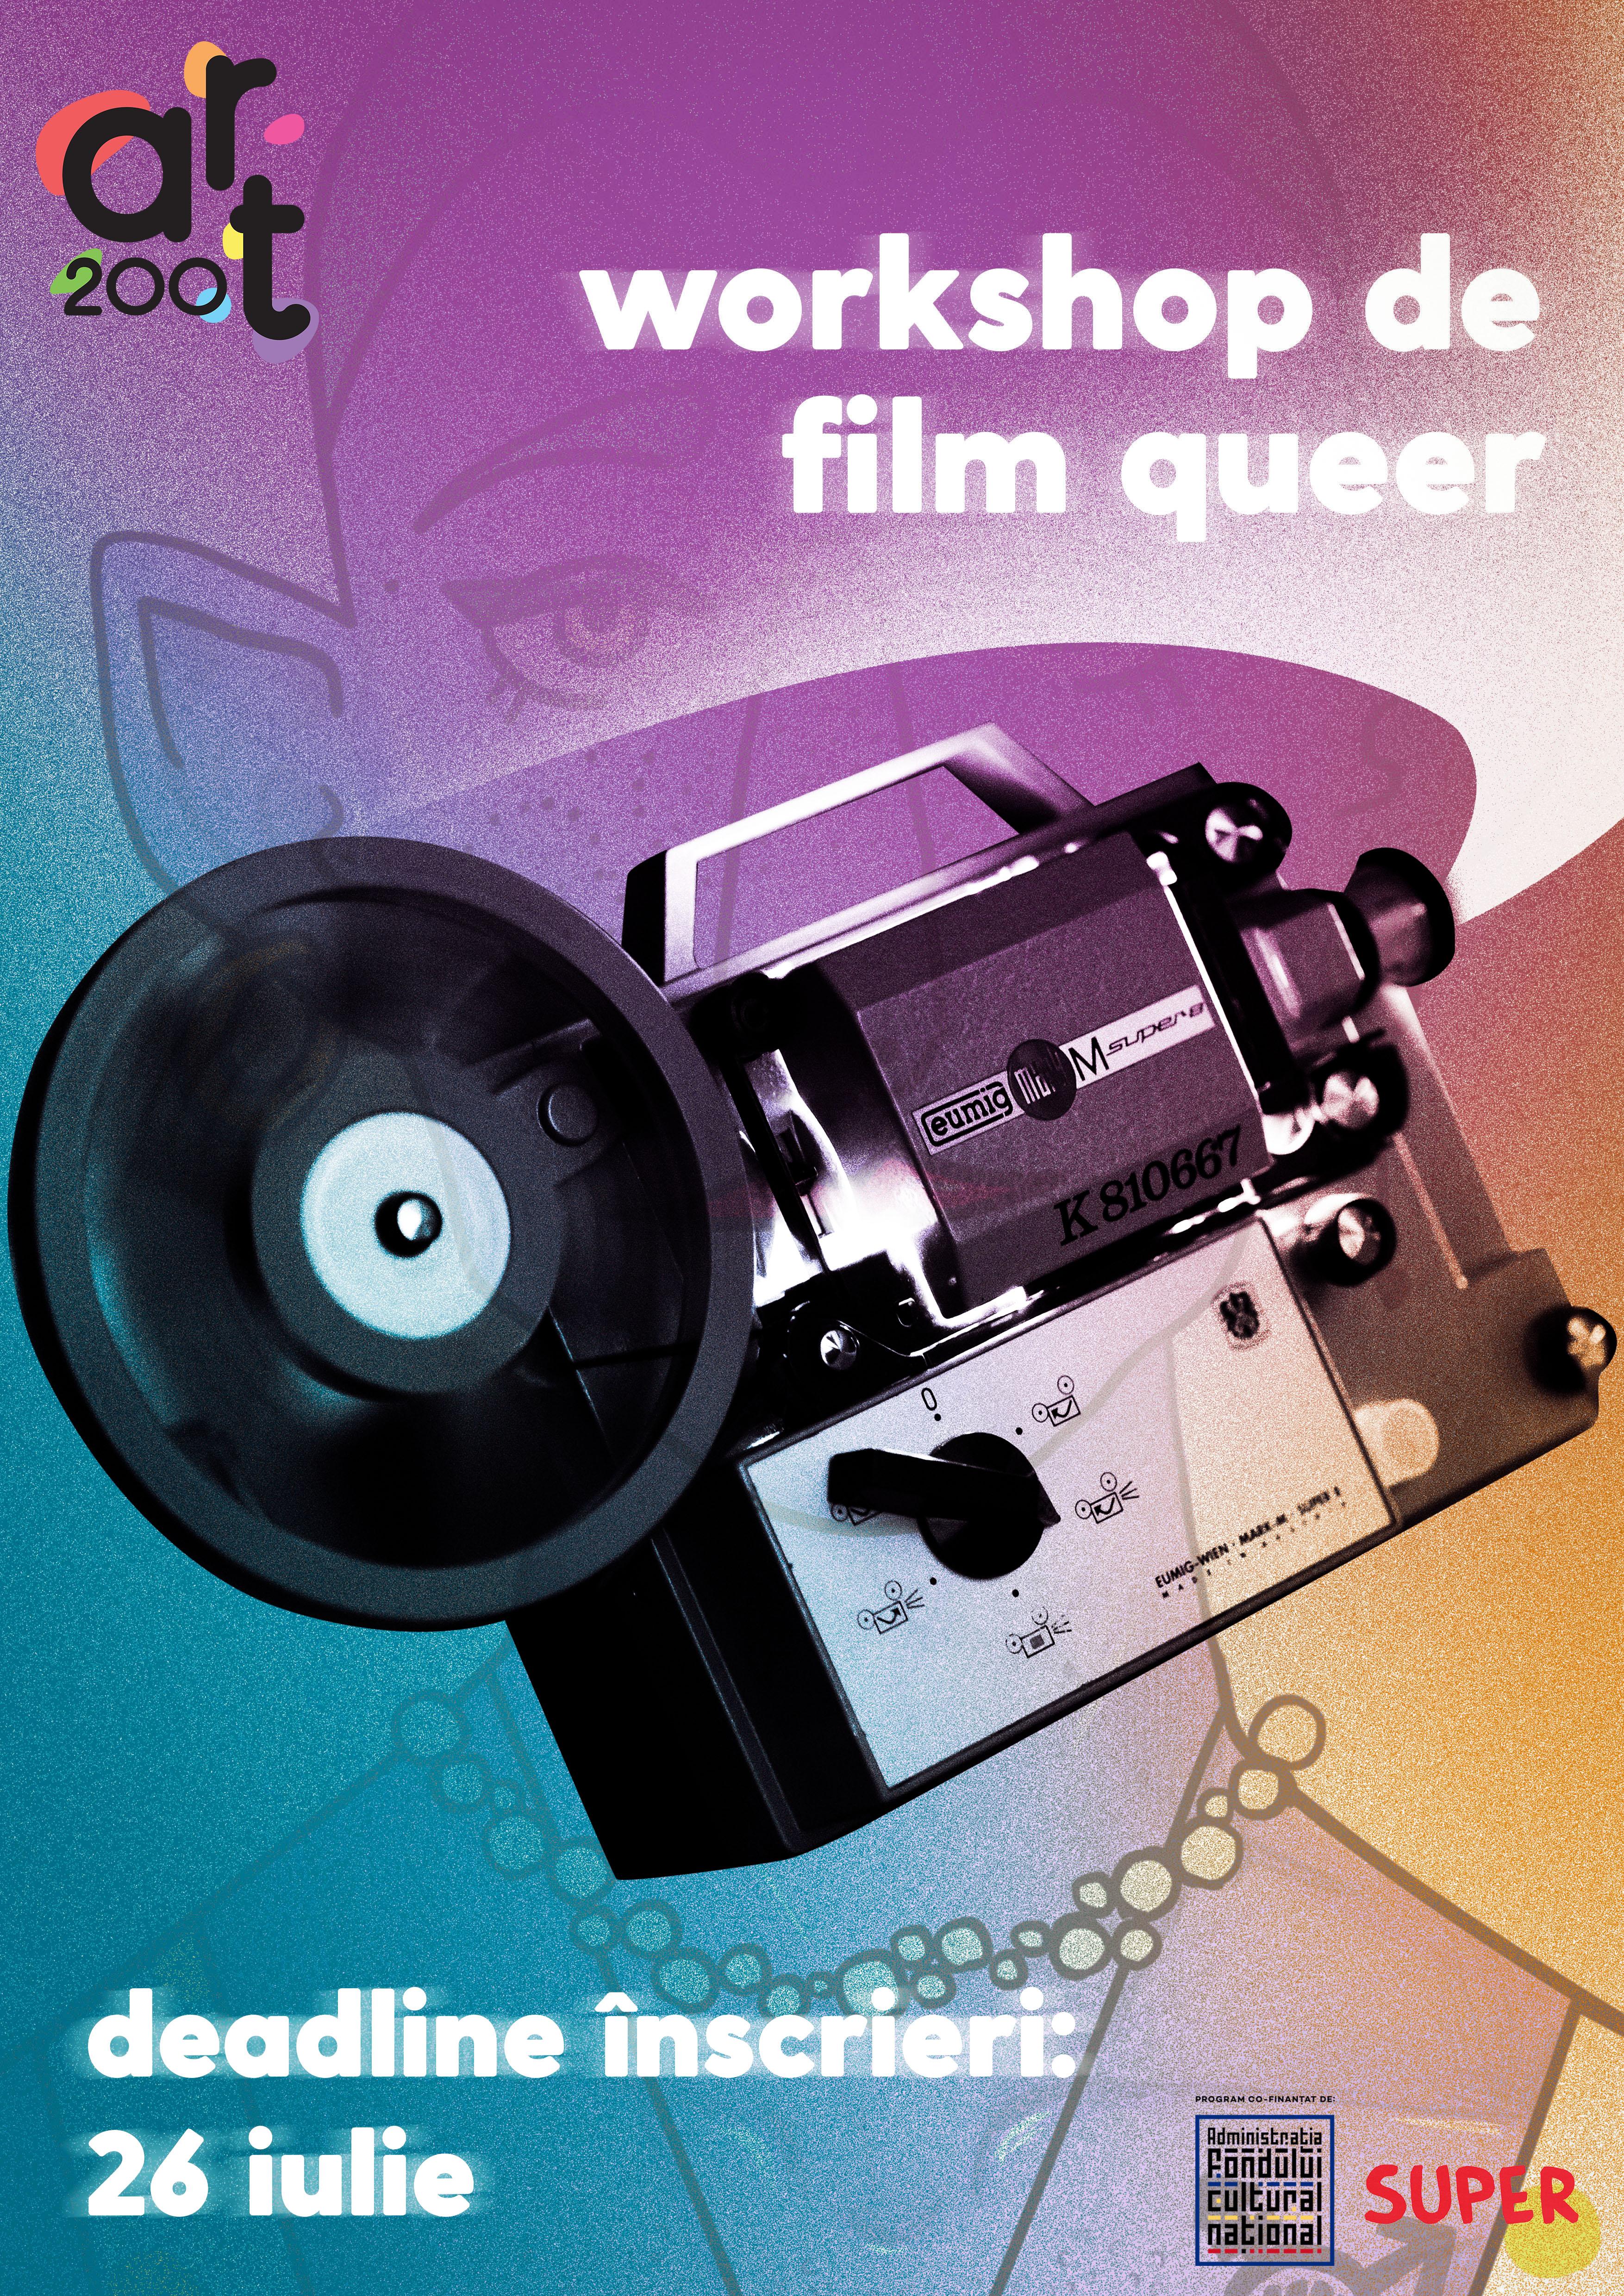 Se lansează ART200, festivalul internațional de film queer!